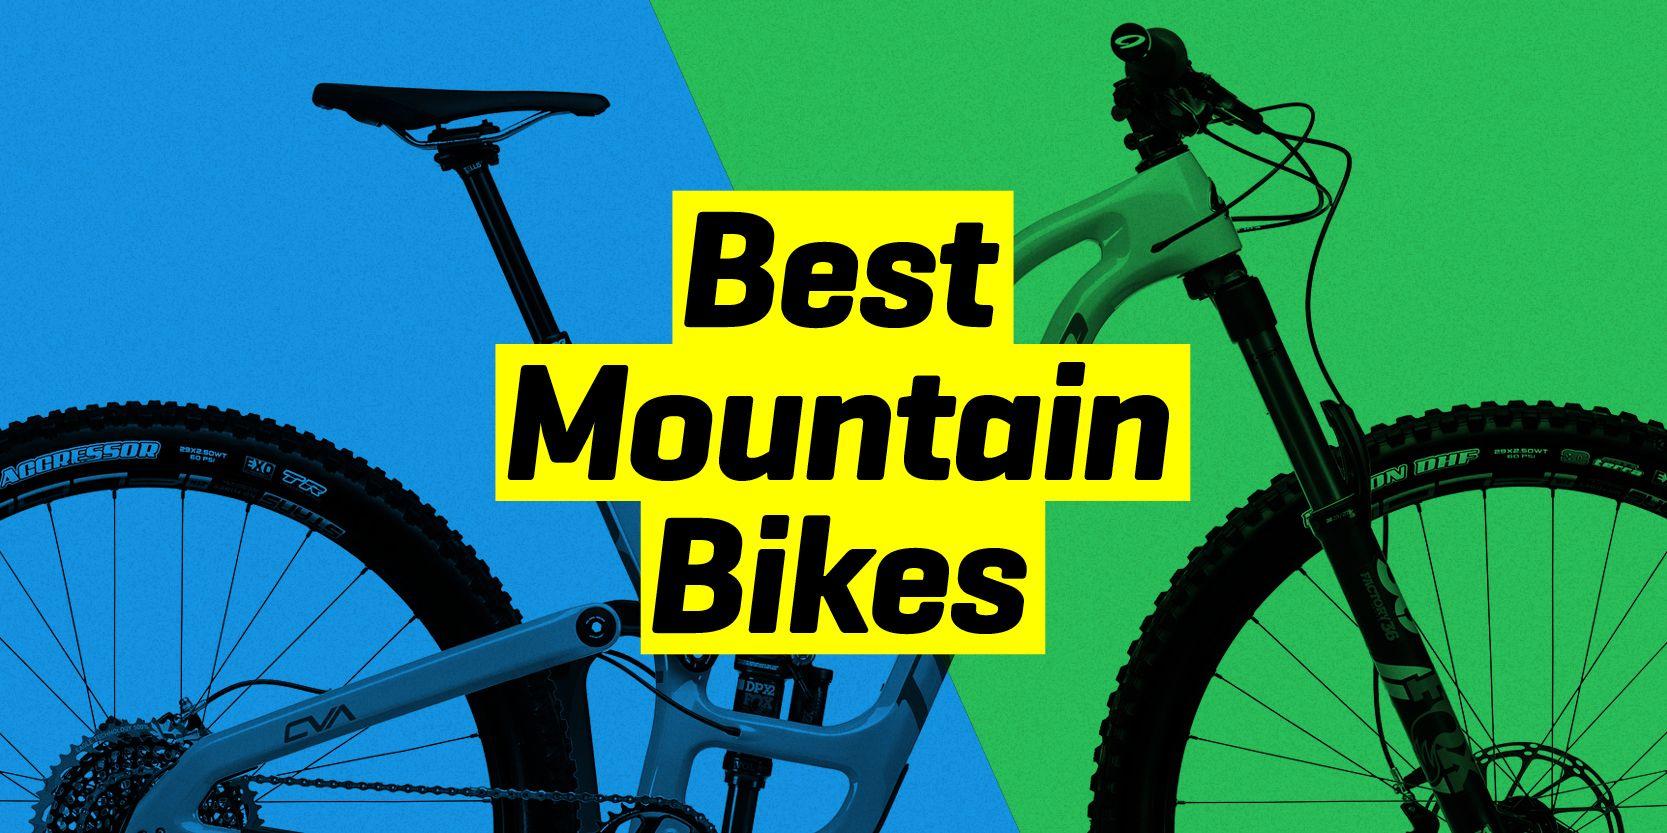 Best Mountain Bikes of 2019 | Trail, Enduro, and Hardtail Bikes